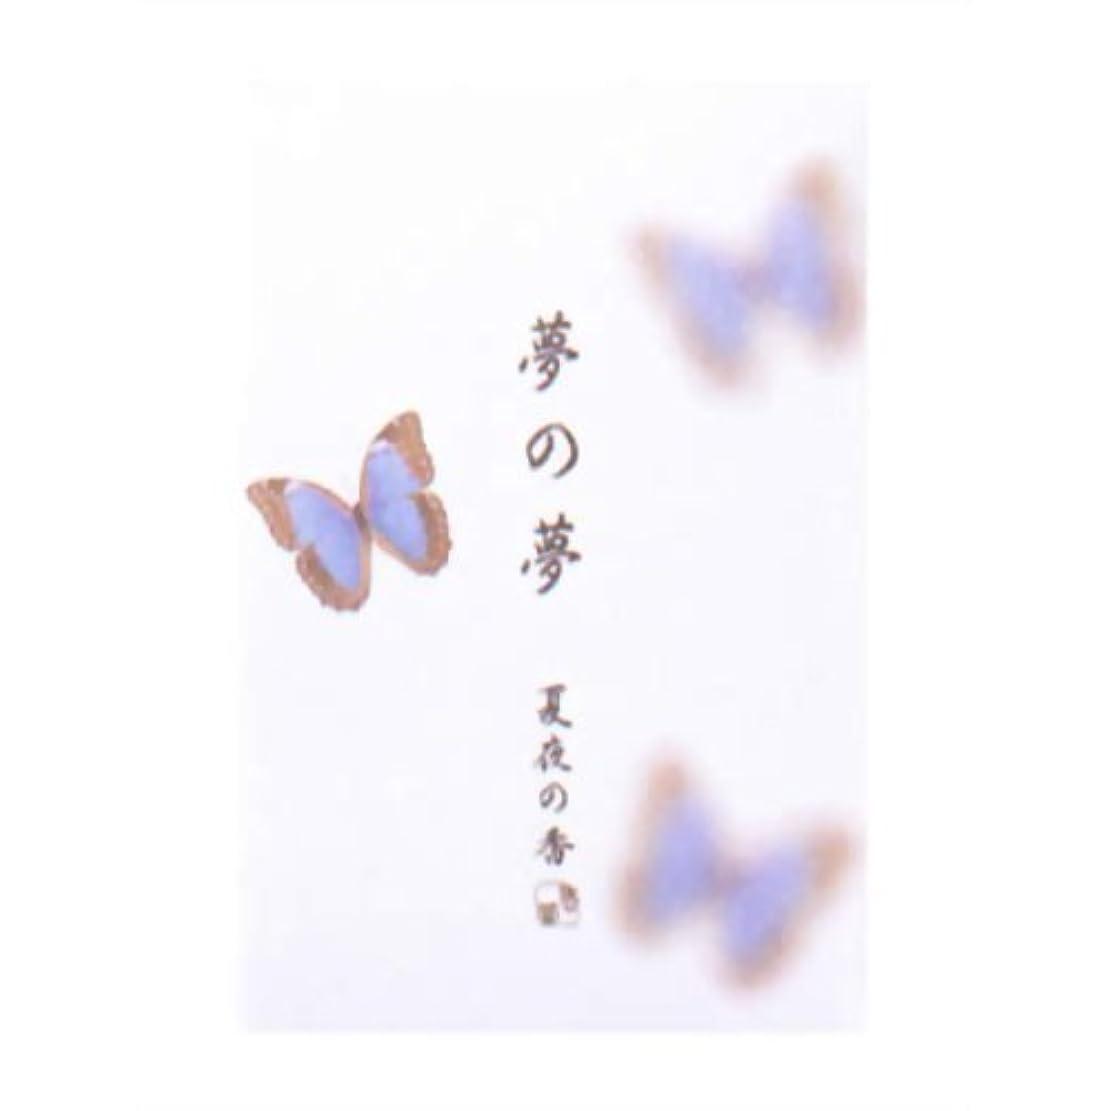 与える特権的難民夢の夢 夏夜の香 (蝶々) スティック12本入